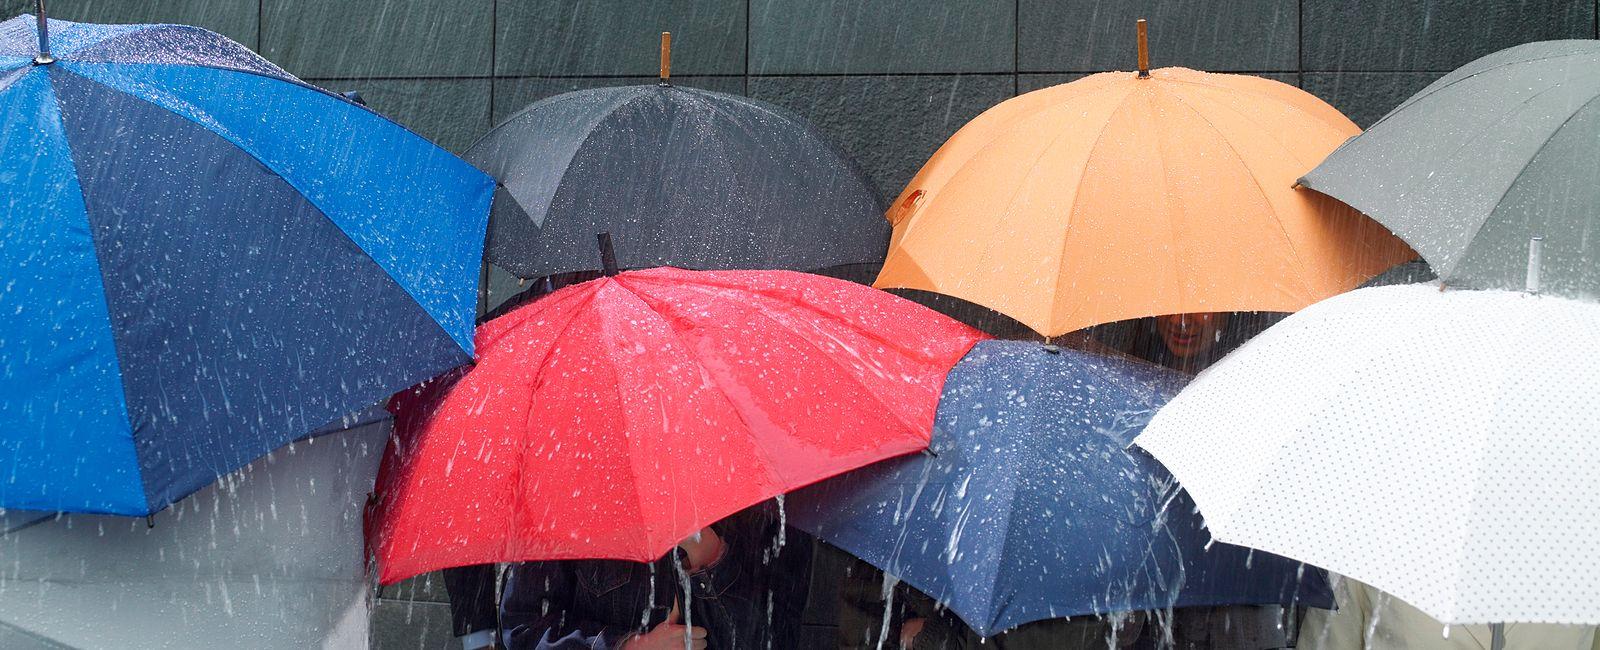 umbrella-header-1600x650